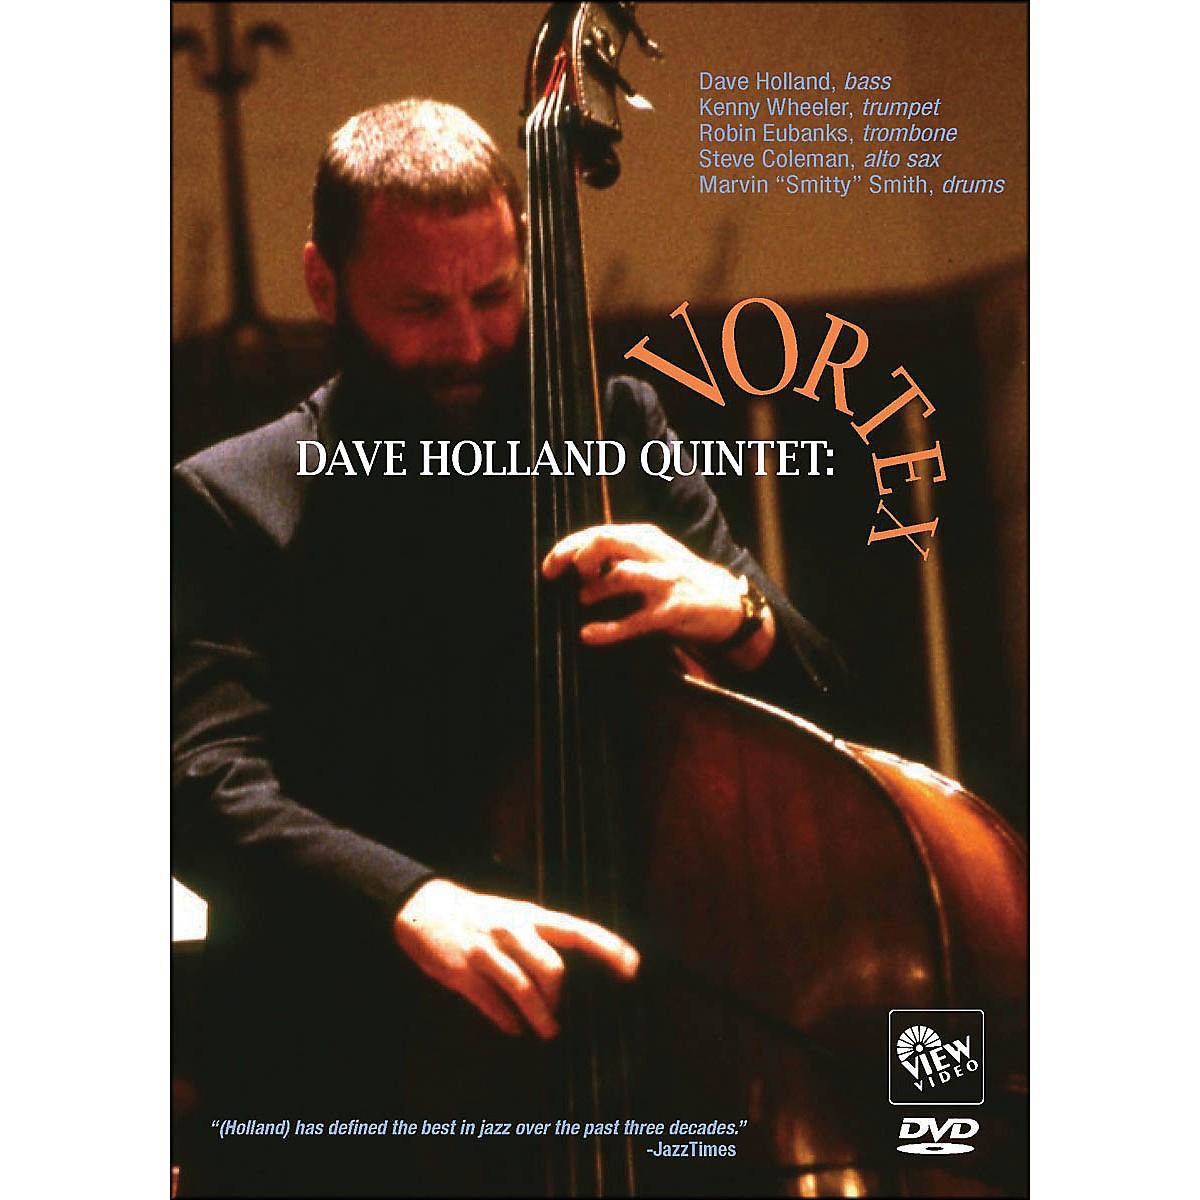 Hal Leonard Dave Holland Quintet: Vortex DVD